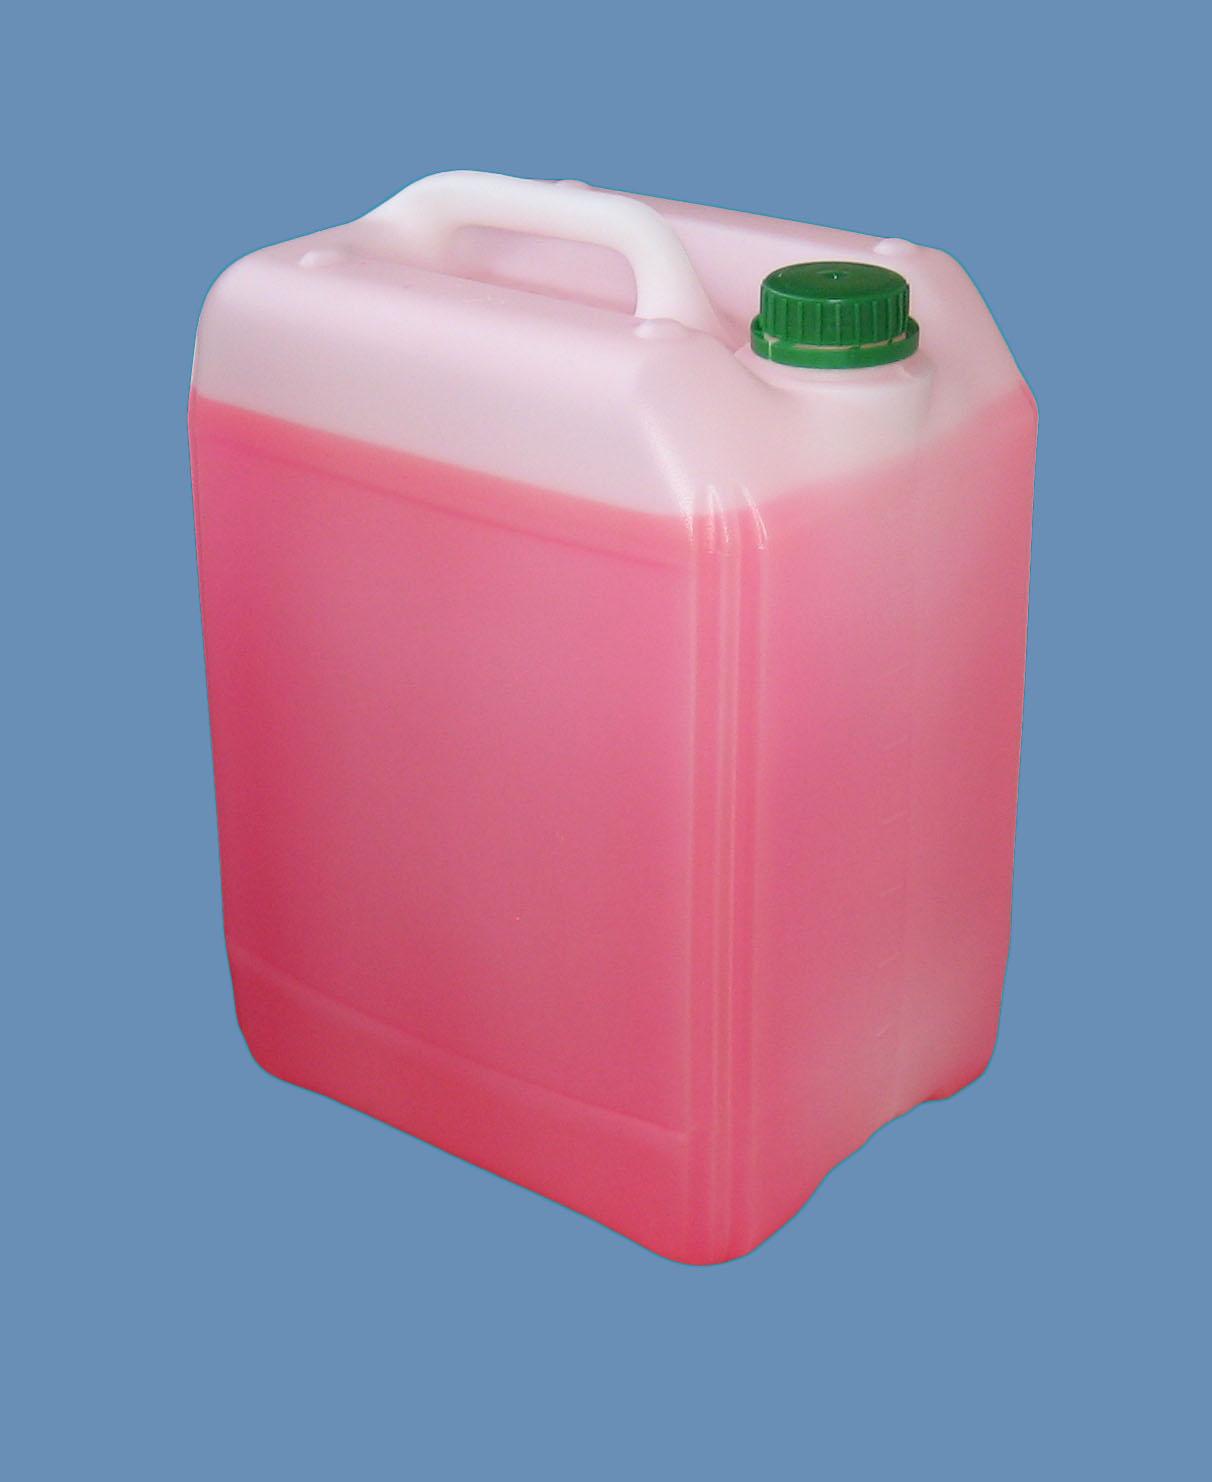 Жидкость для отопления - пропиленгликоль